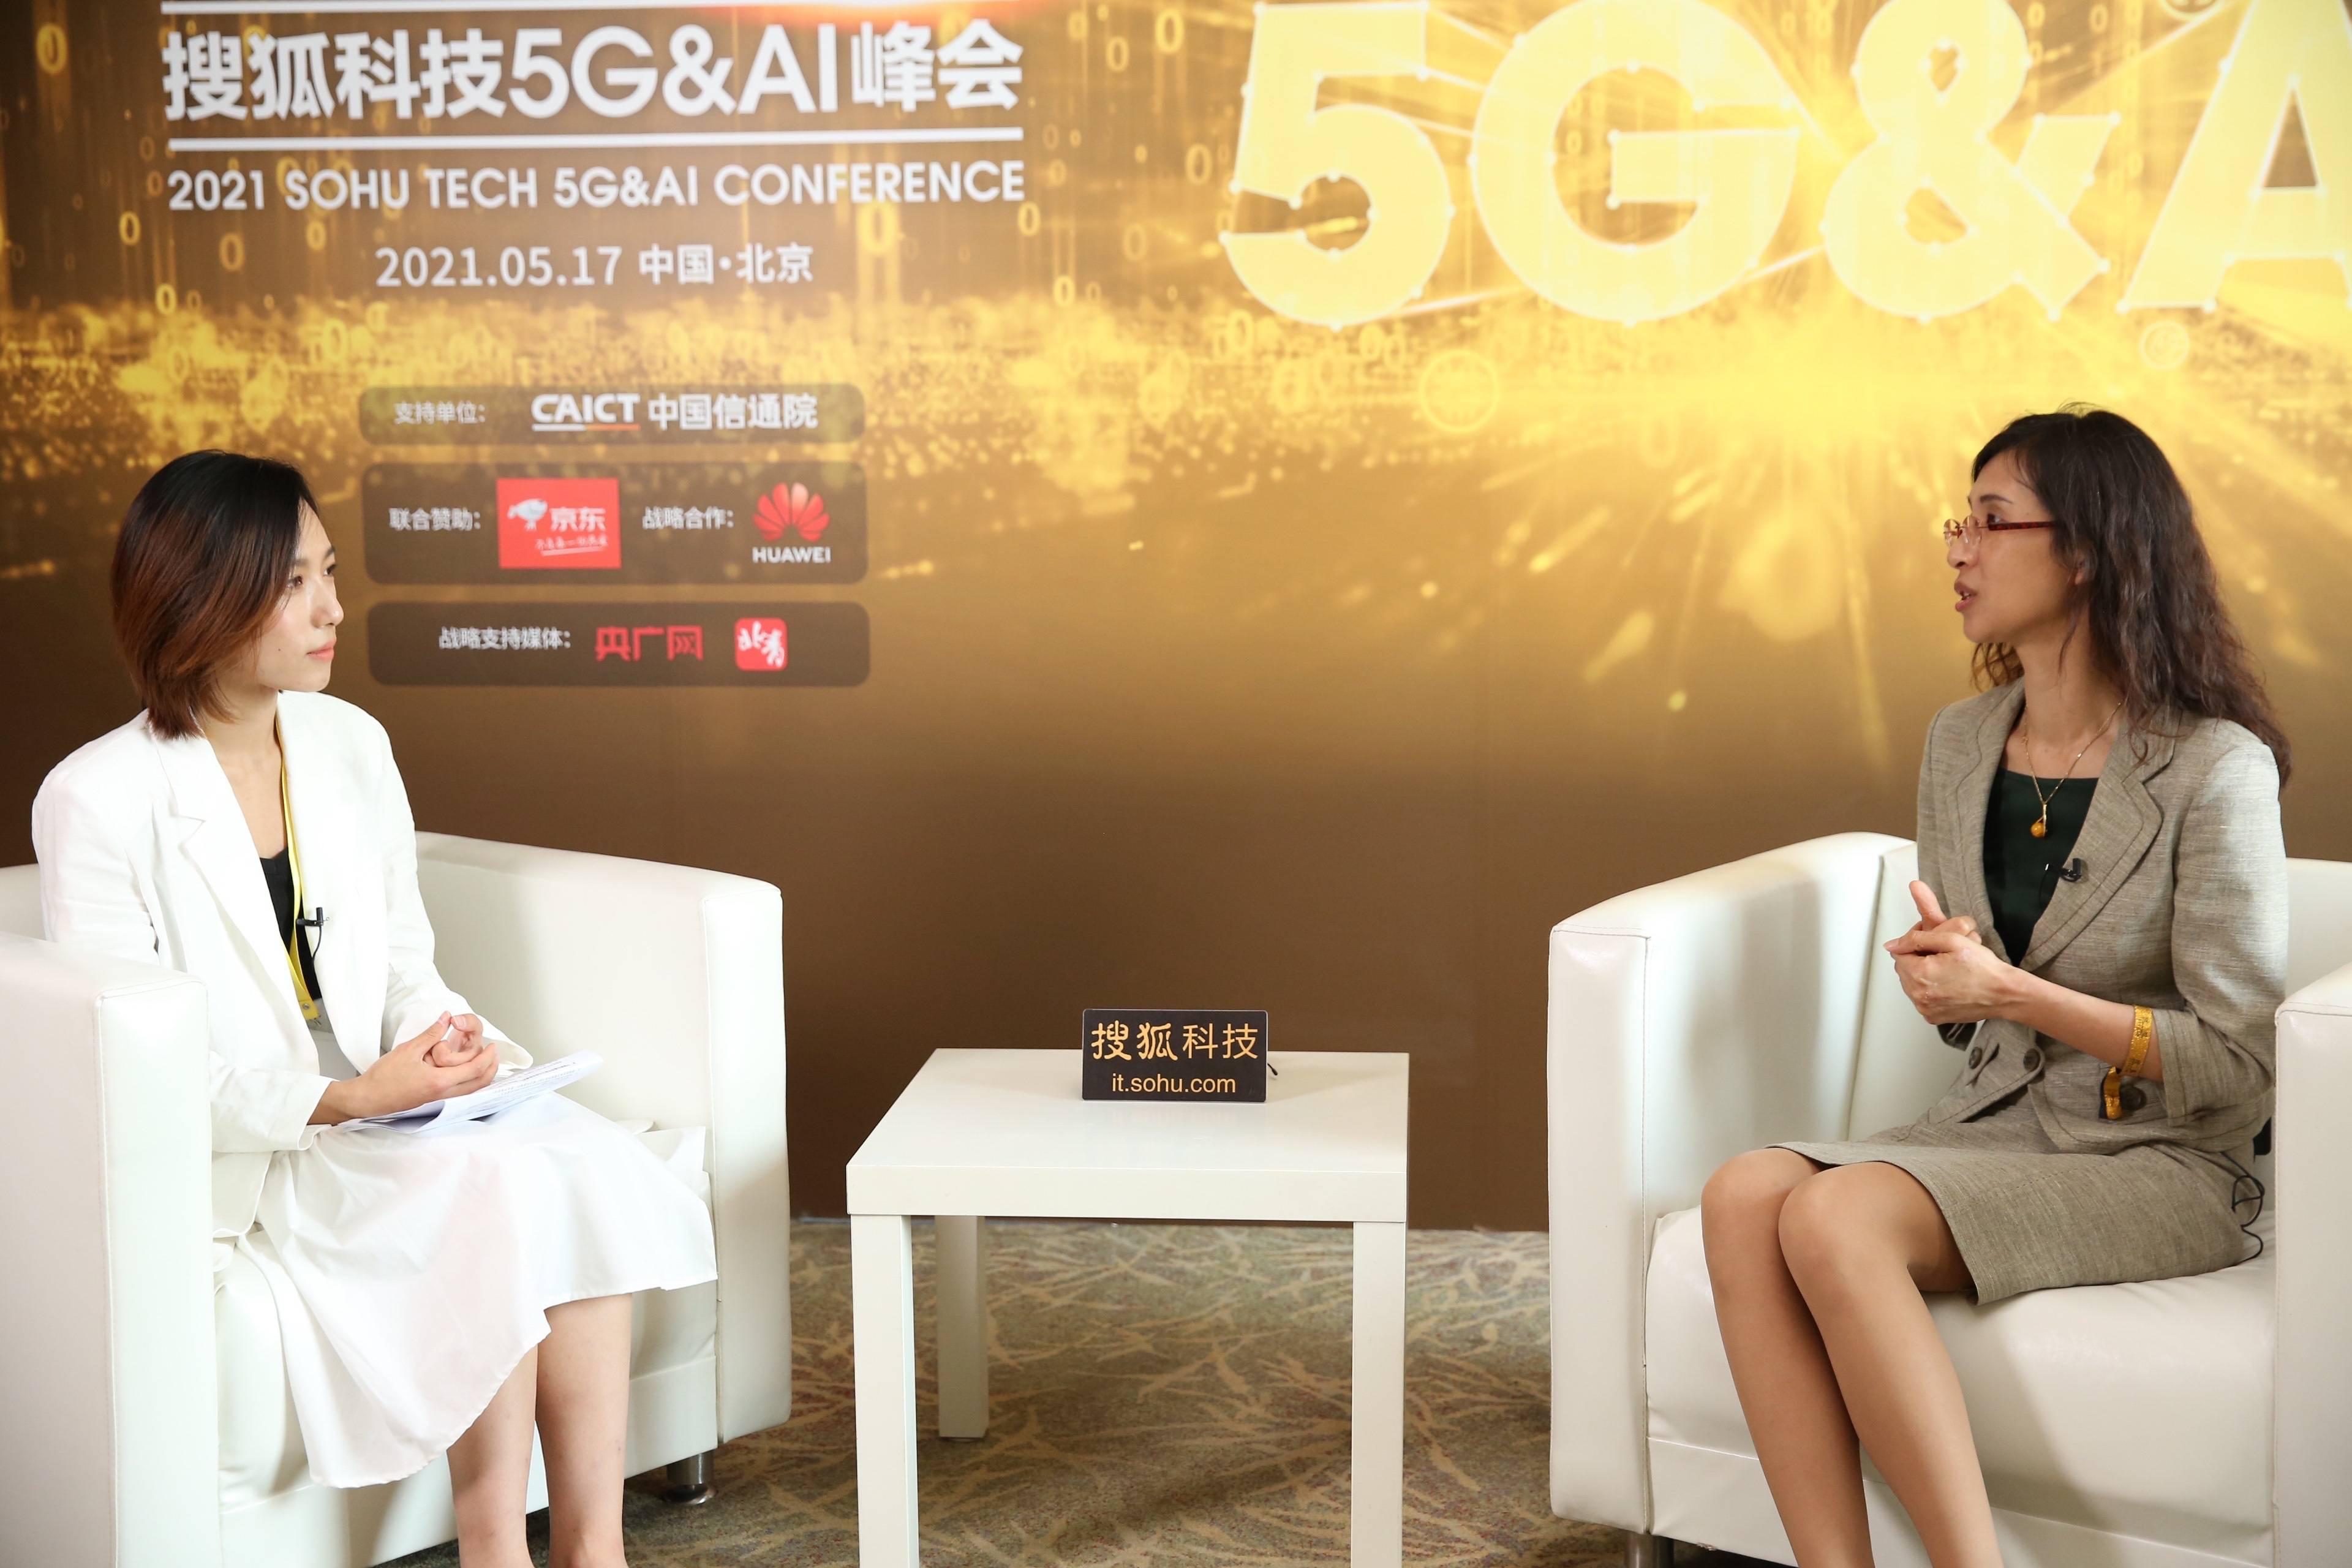 专访中国移动黄宇红:6G时代可能是物理世界和数字世界共存的社会